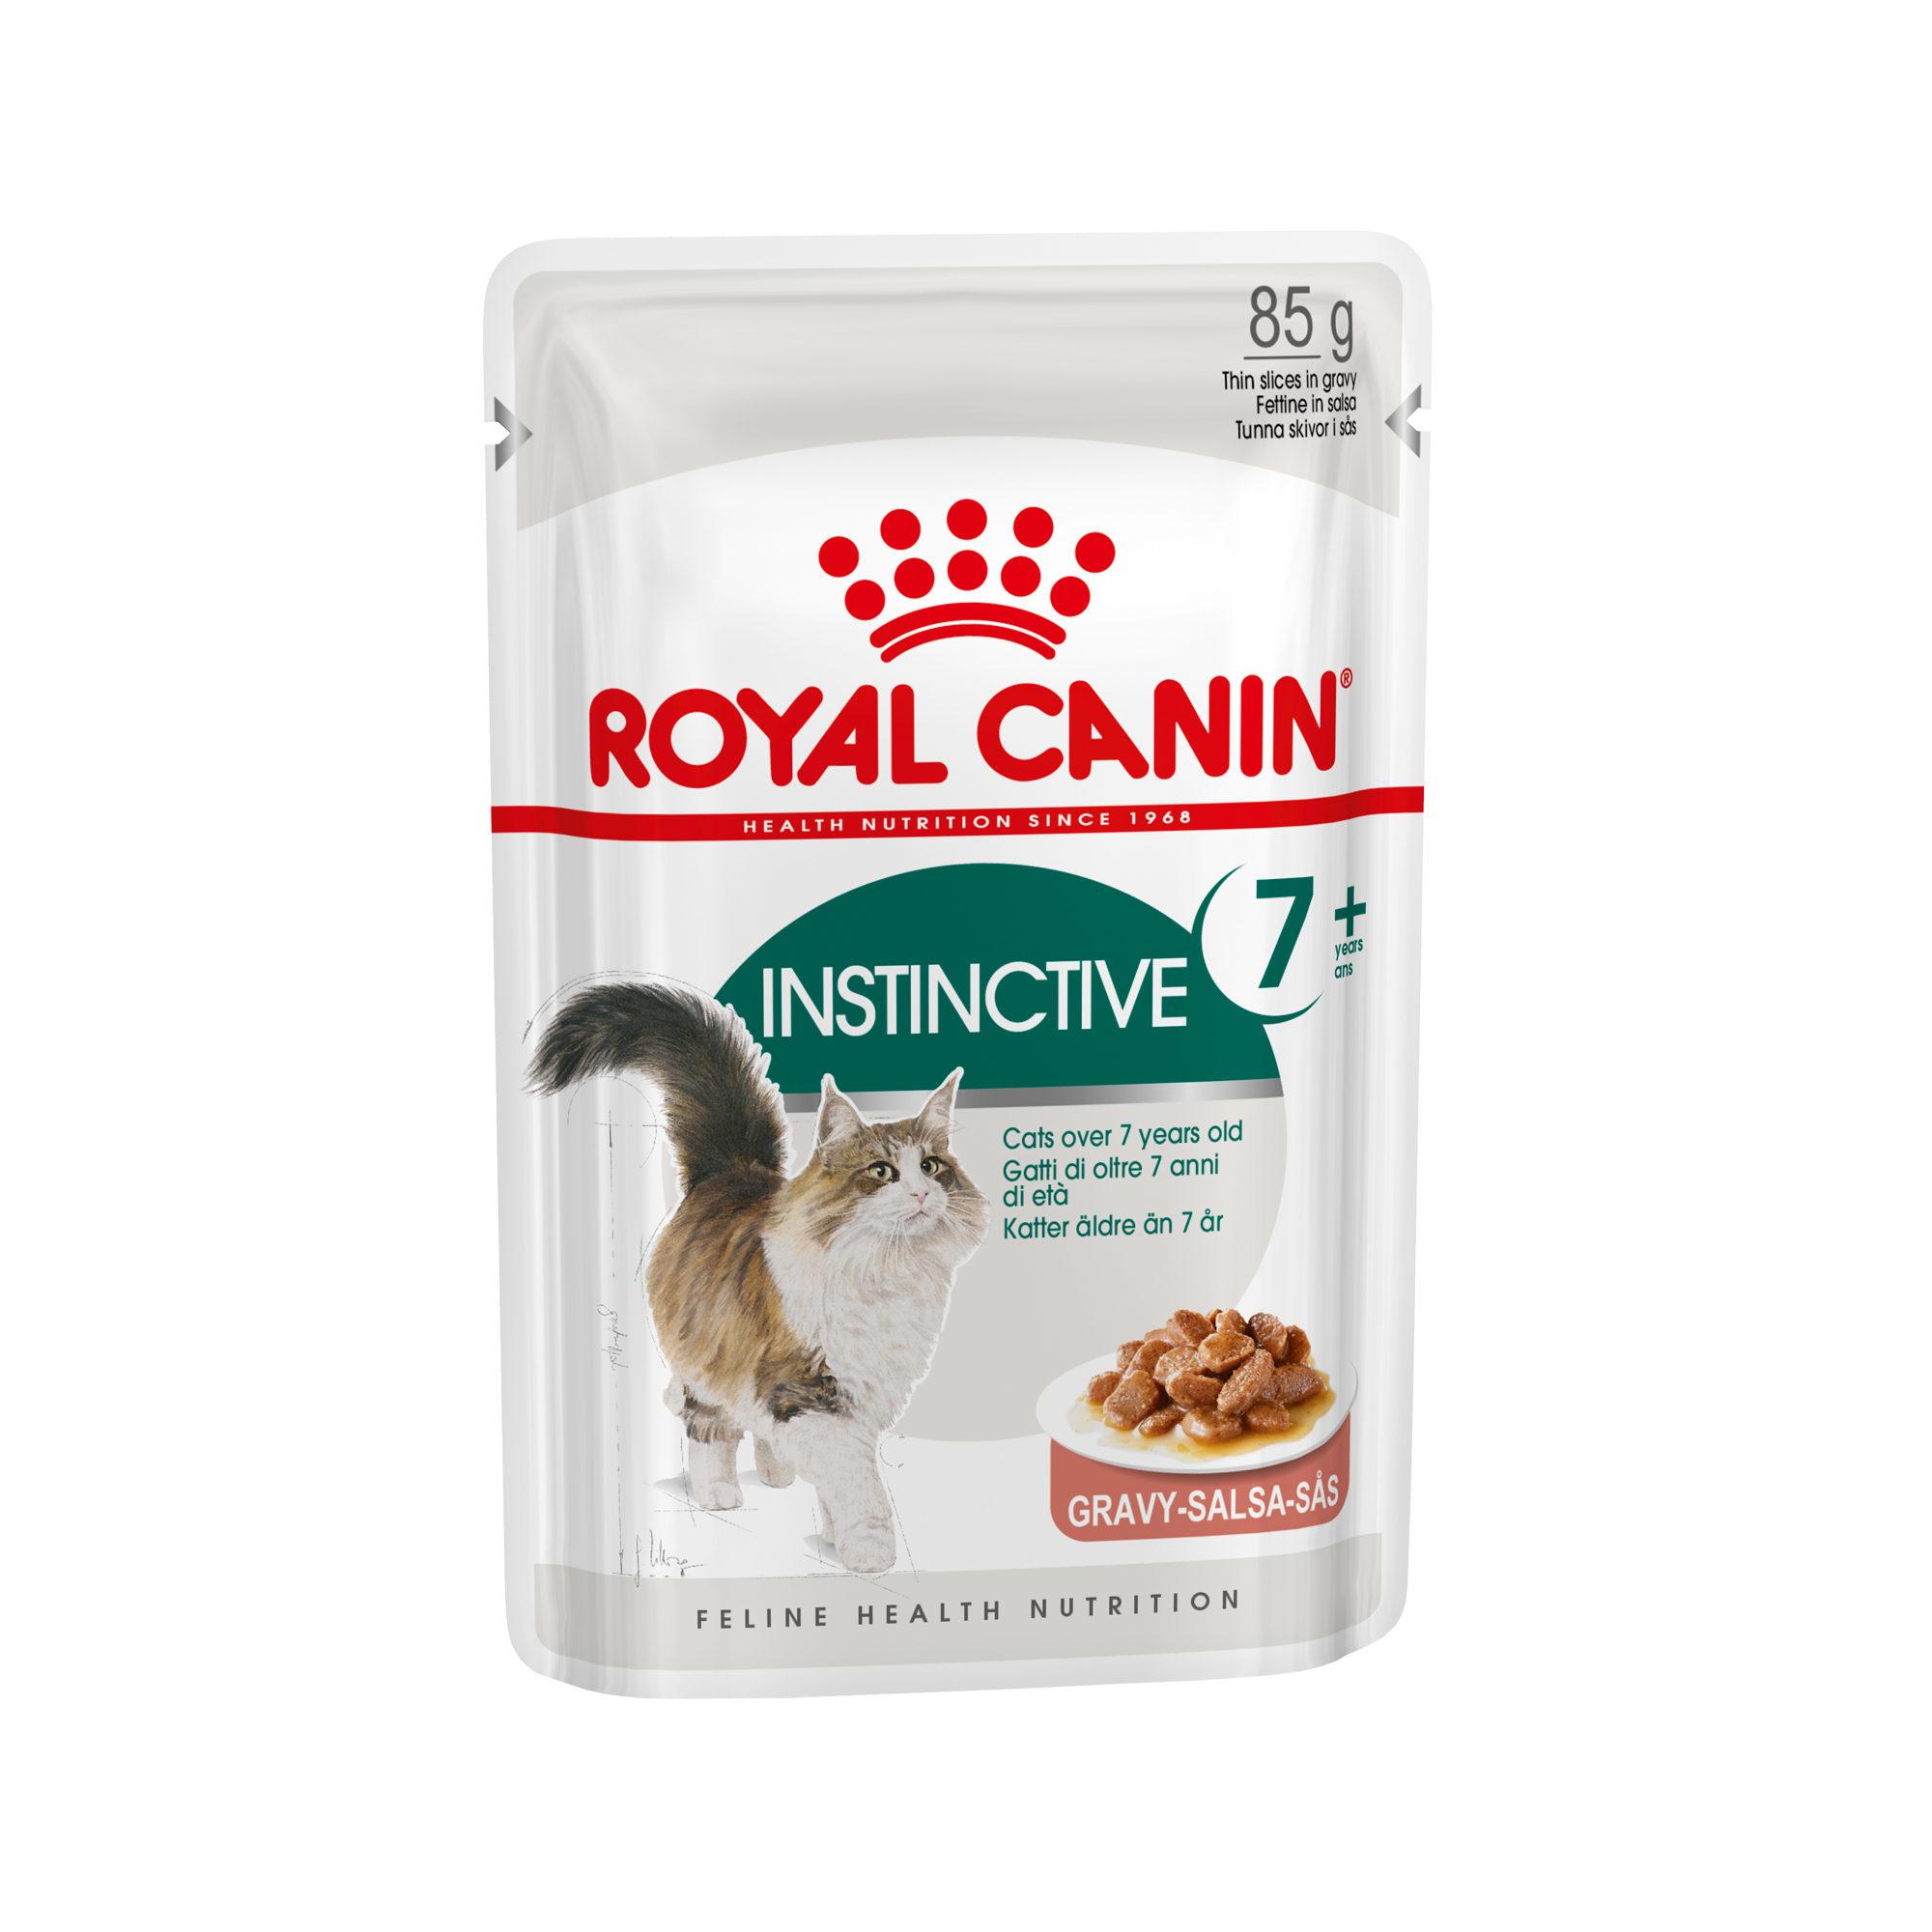 Royal Canin Instinctive 7+ in Gravy - Sachet